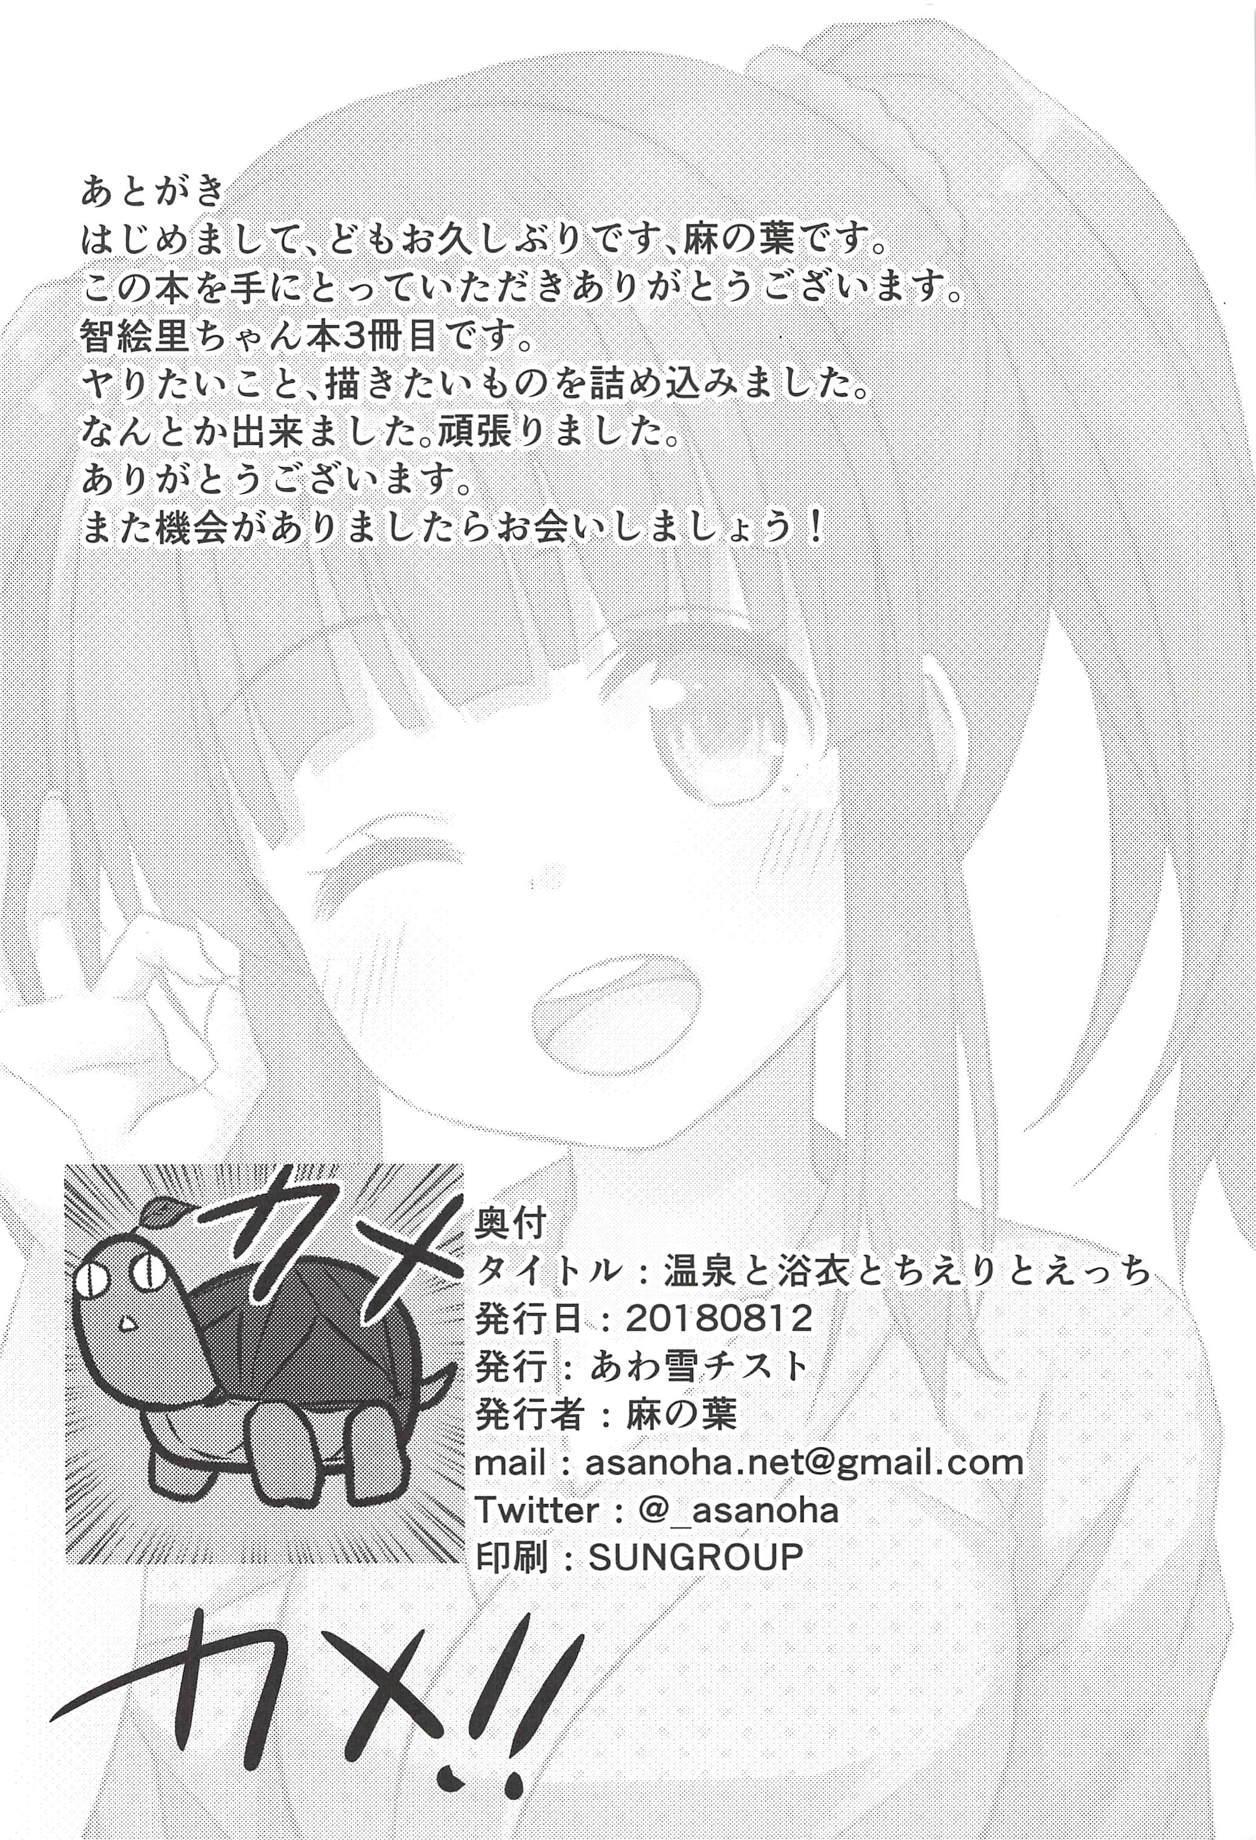 Onsen to Yukata to Chieri to Ecchi | Hot Spring, Yukata, and Sex with Chieri 24